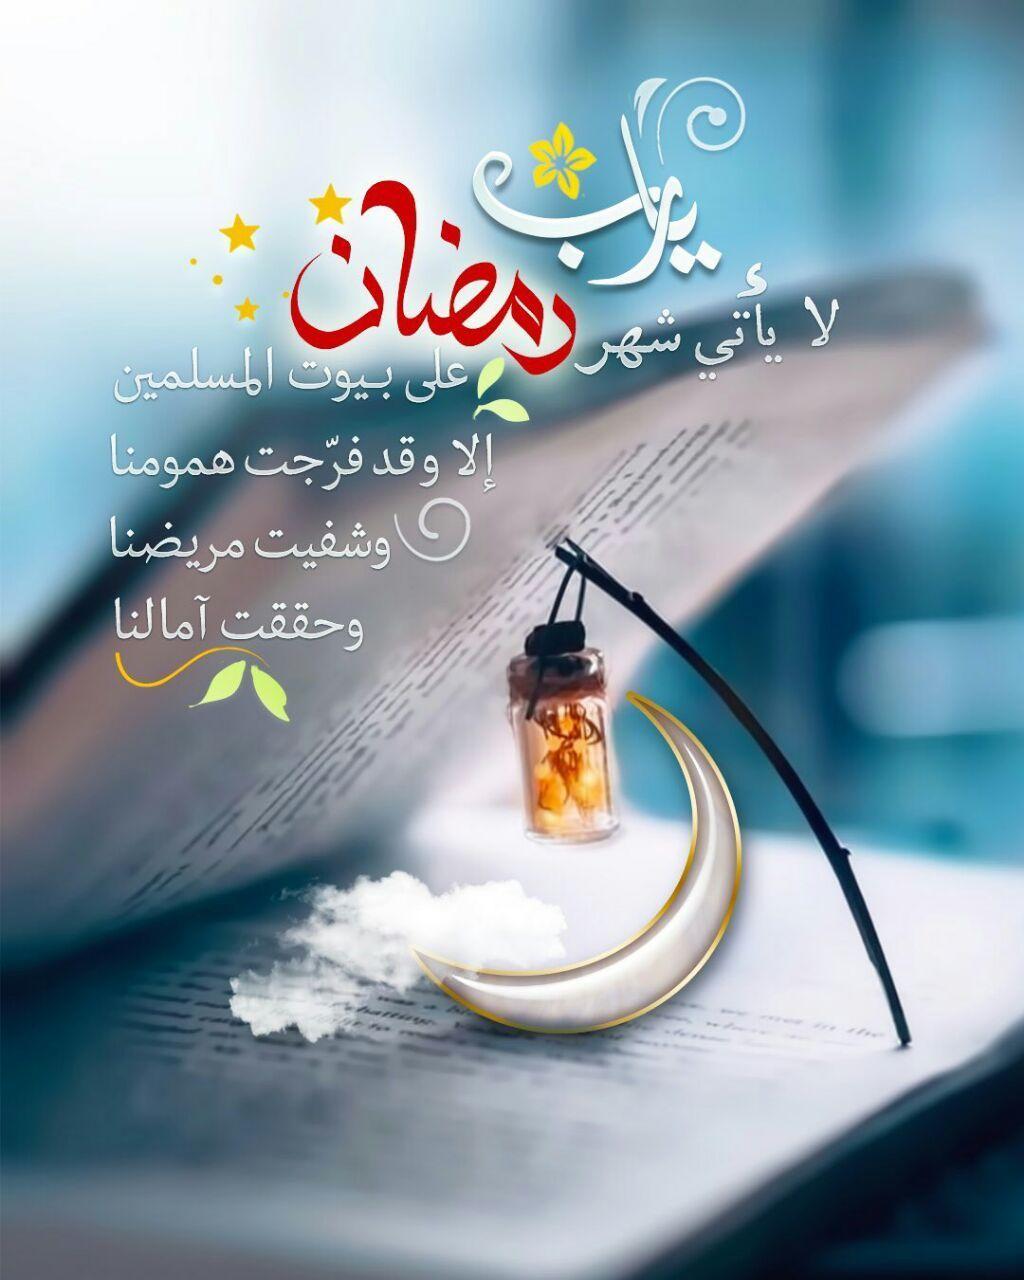 يا رب لا يأتي شهر رمضان Ramadan Ramadan Kareem Ramadan Decorations